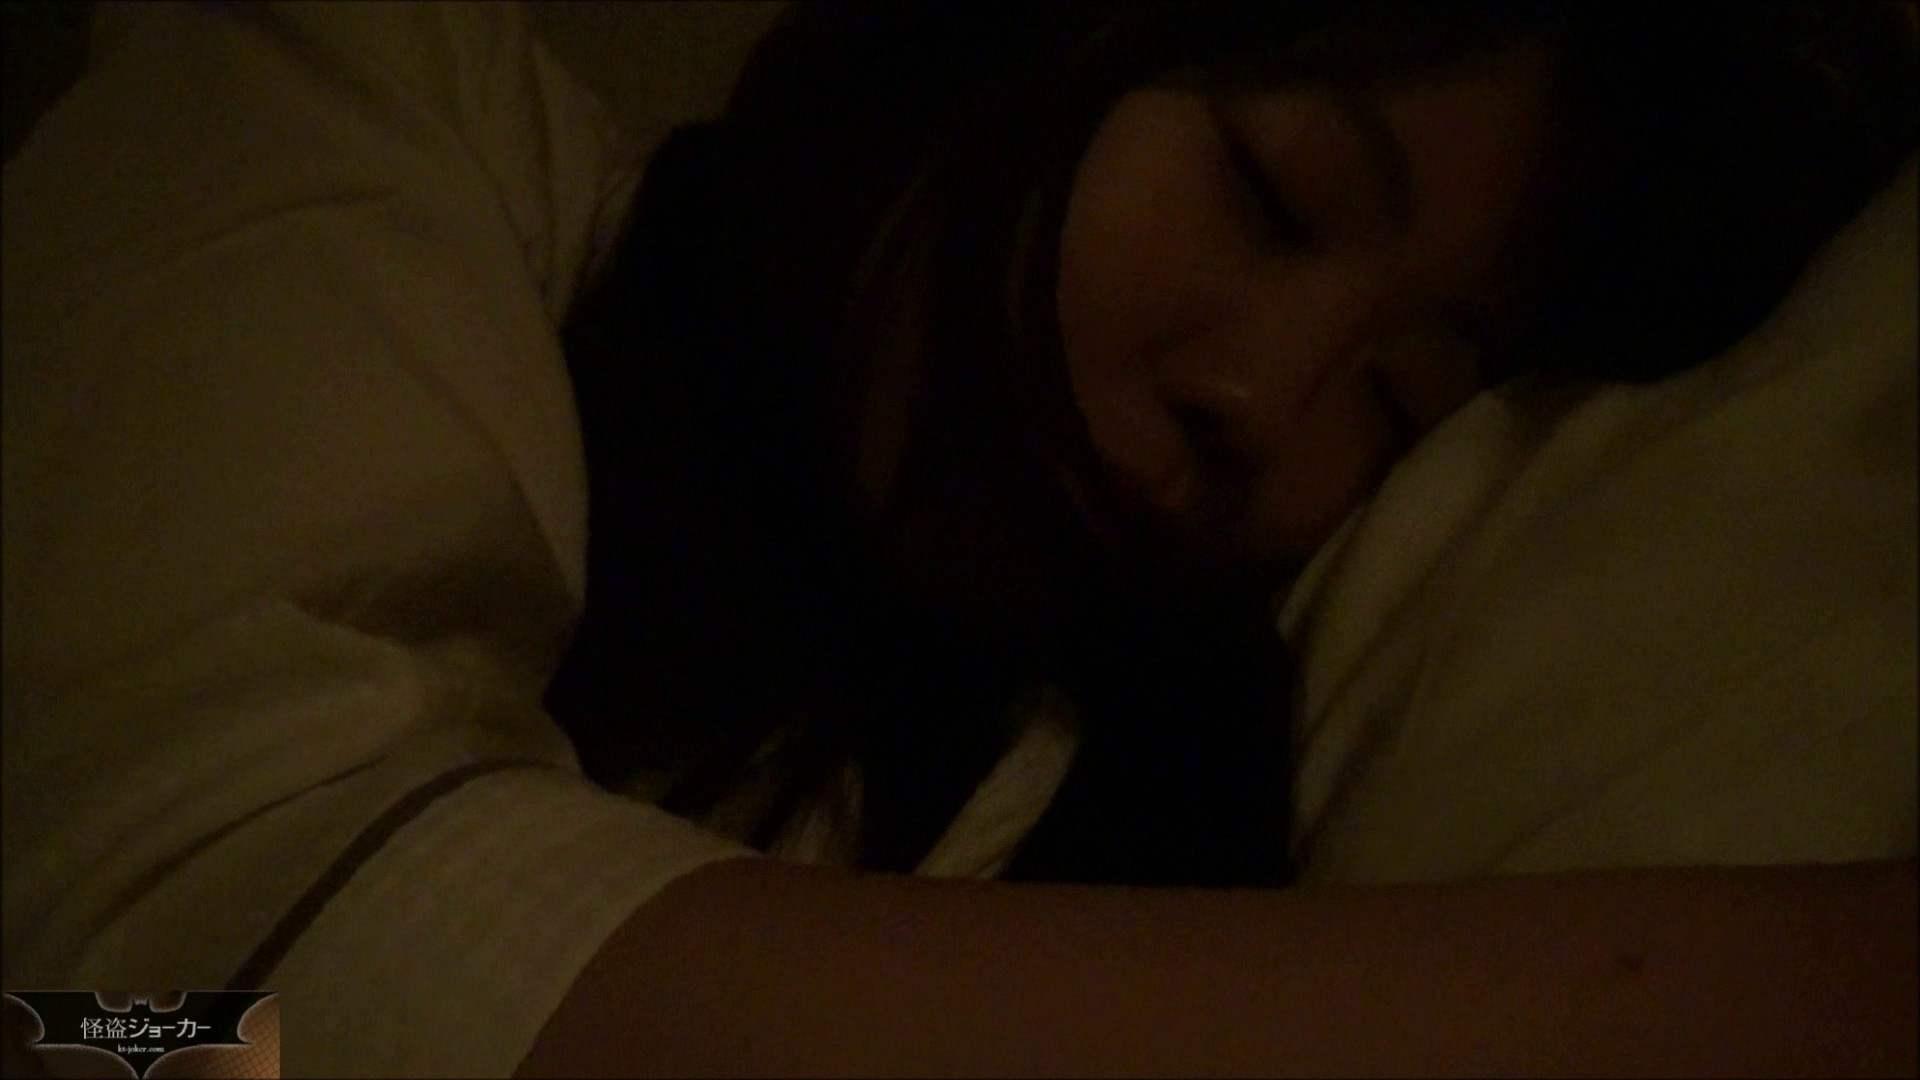 【未公開】vol.78 {関東某有名お嬢様JD}yuunaちゃん② 丸見えマンコ   フェラ  111画像 41